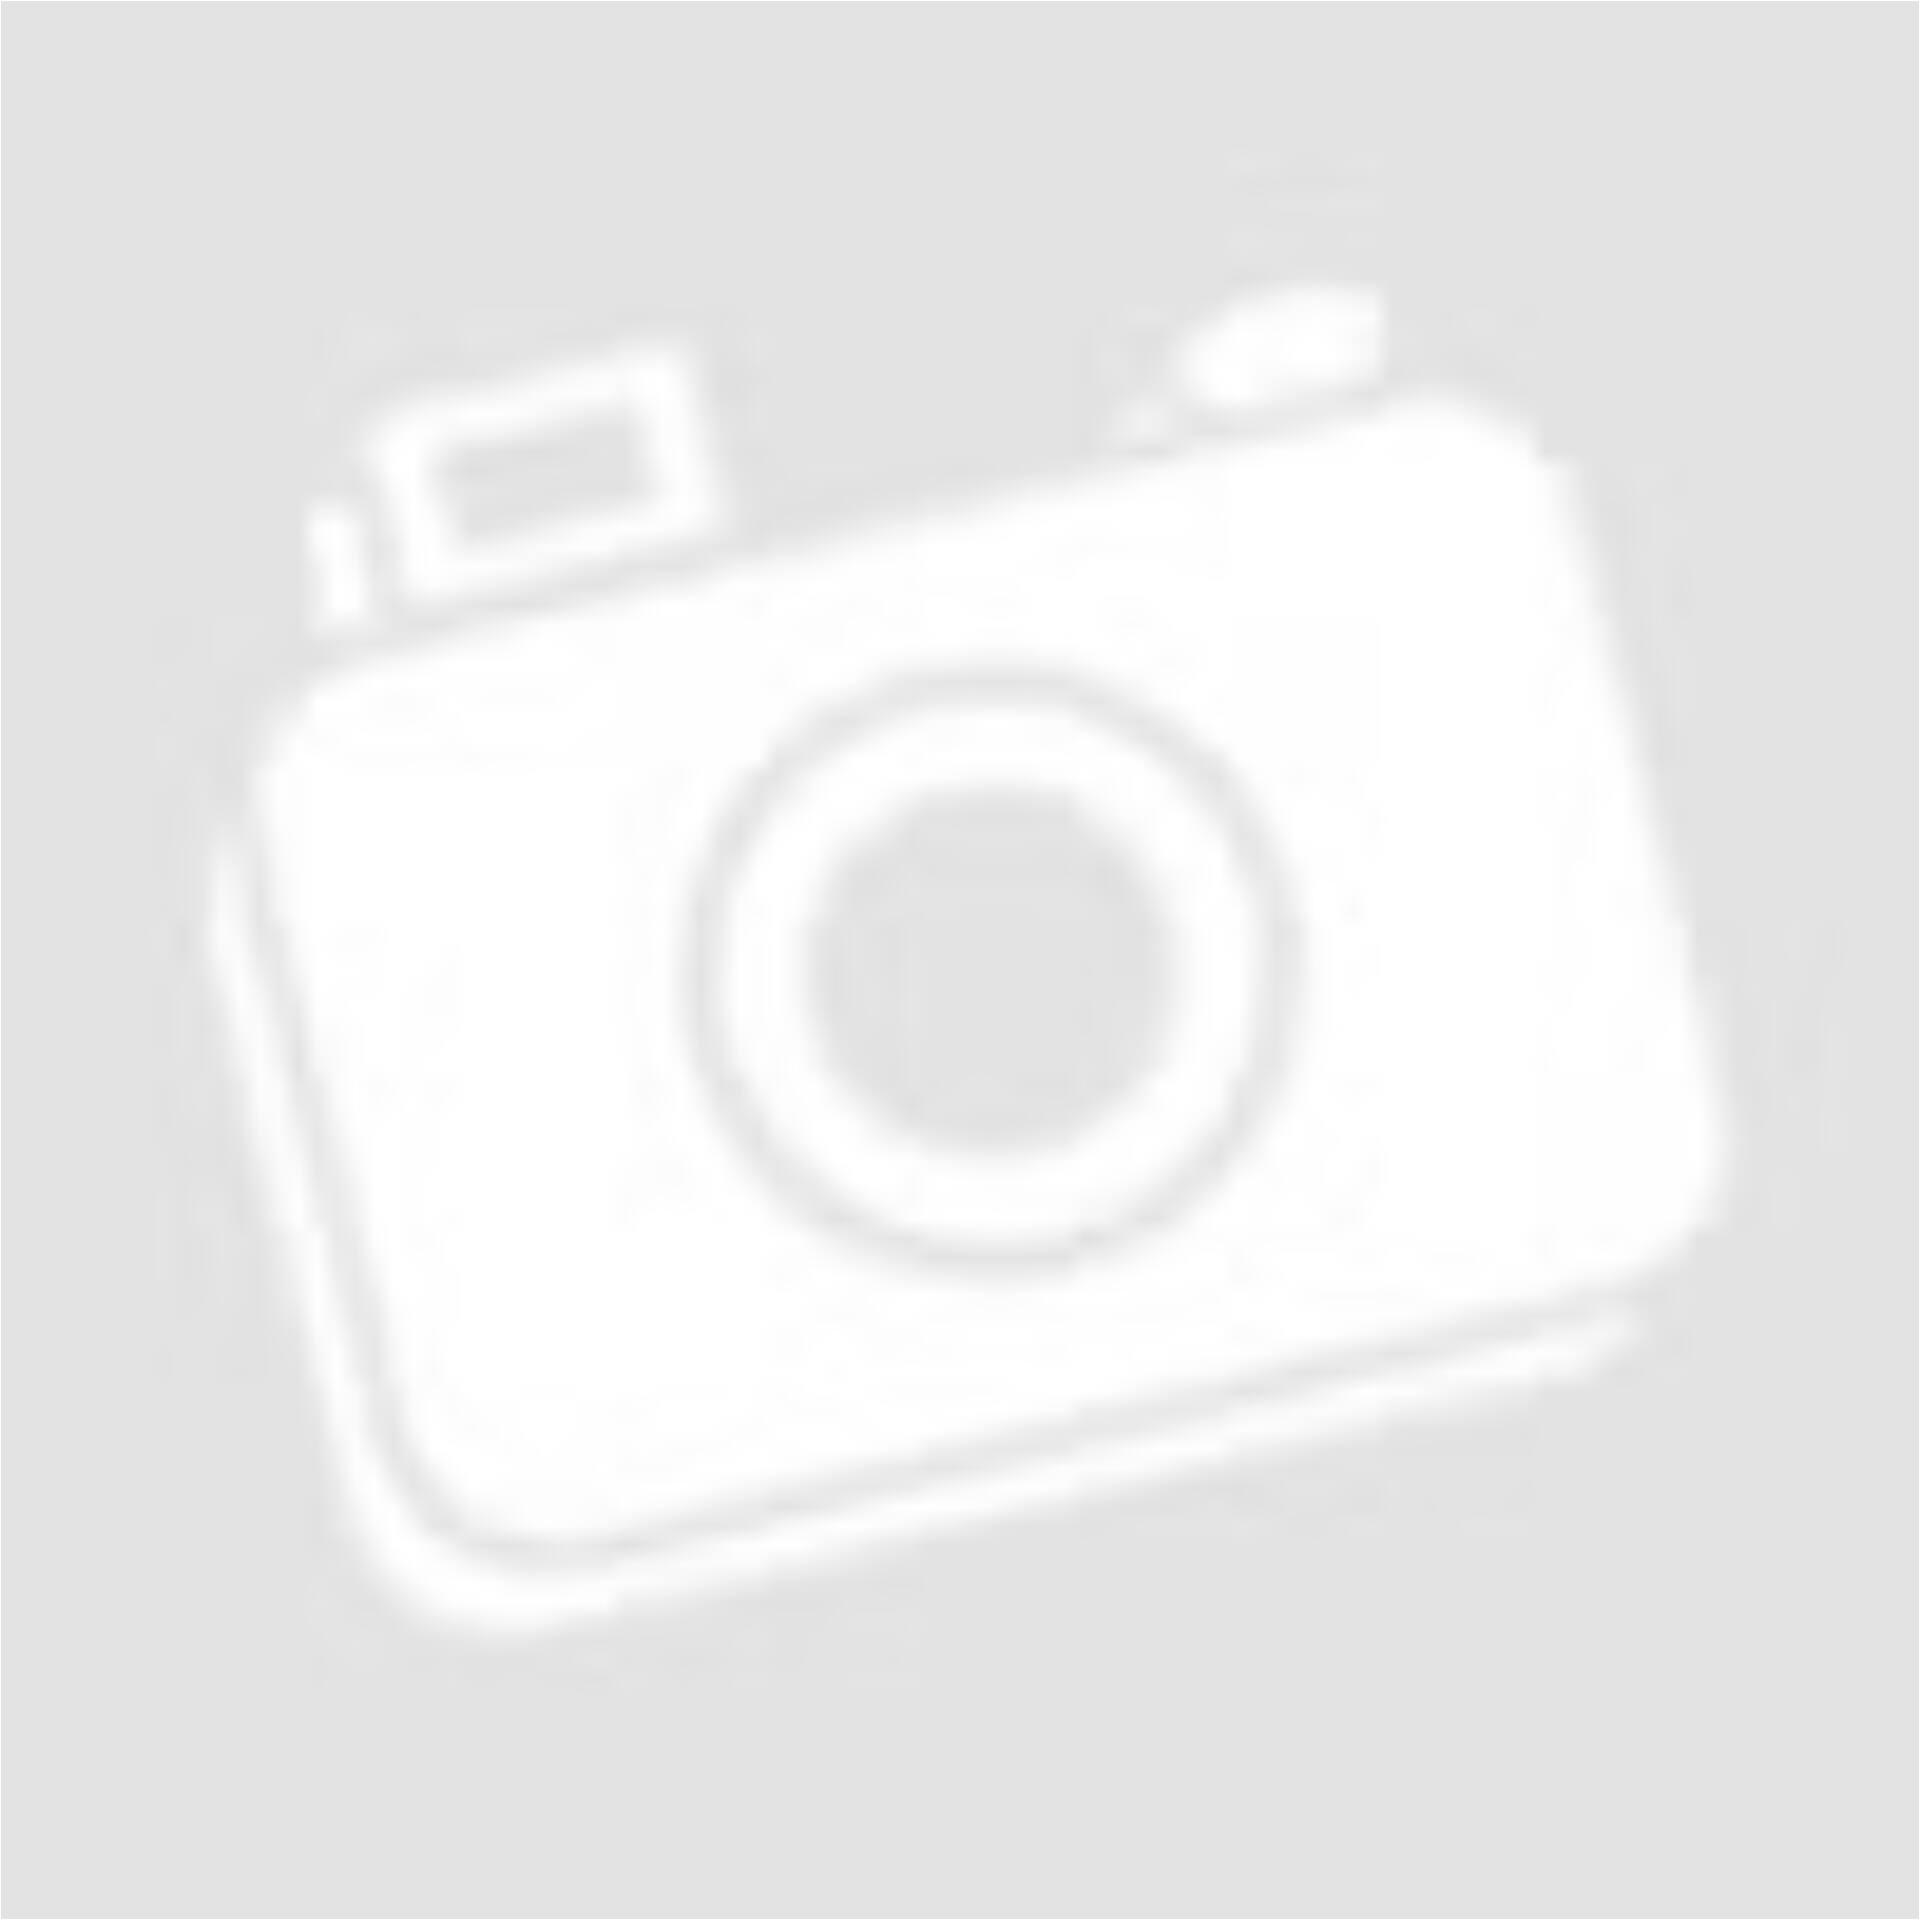 Zöld kockás Esprit ing (Méret  S) - Női felső b9d8d51edd